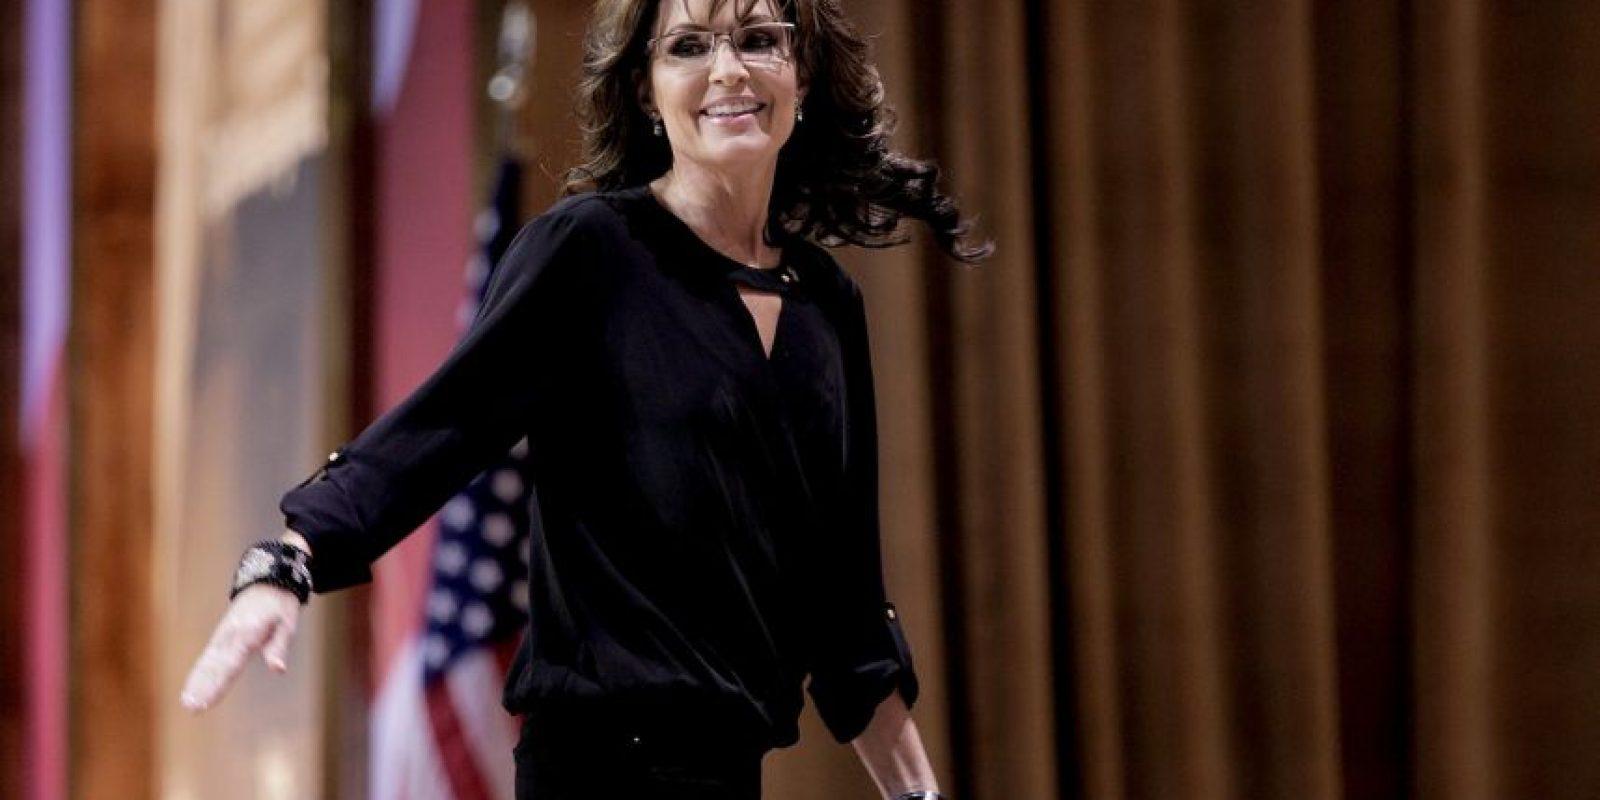 La excandidata a la vicepresidencia de Estados Unidos también aseguró haber tenido un encuentro cercano con la droga. Foto:Getty Images